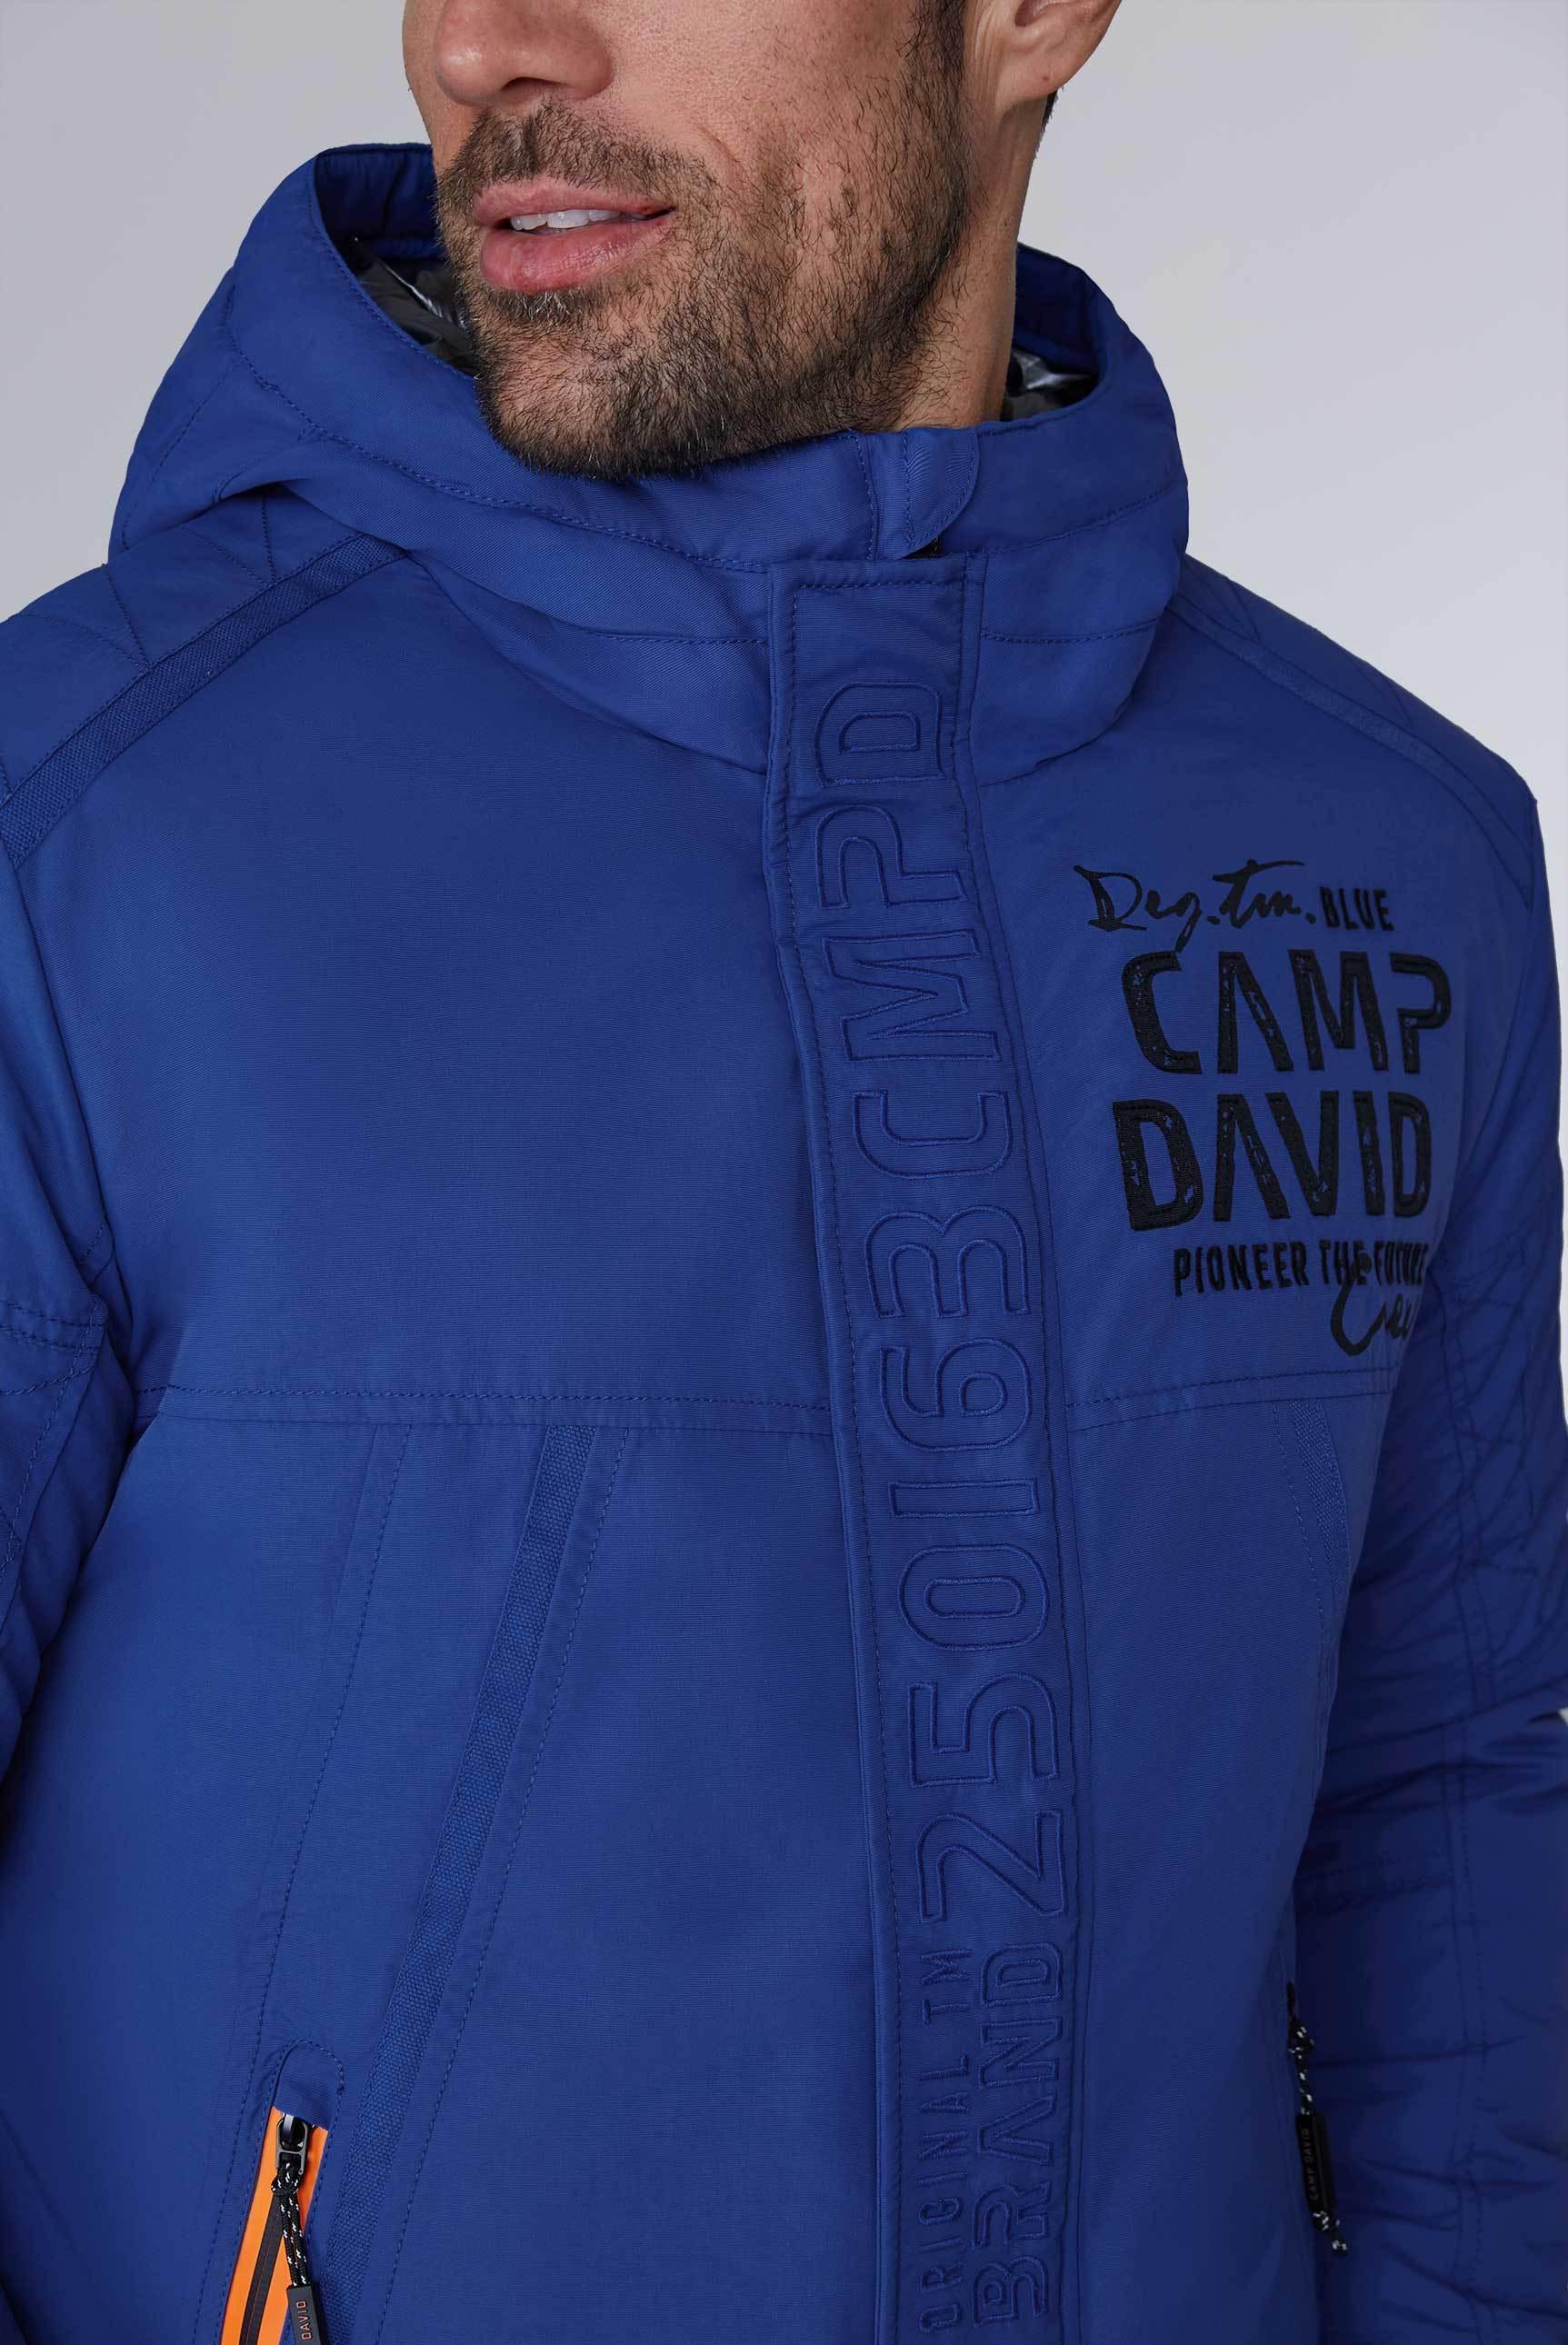 CAMP DAVID & SOCCX | Jacke mit Kapuze und Label Applikationen